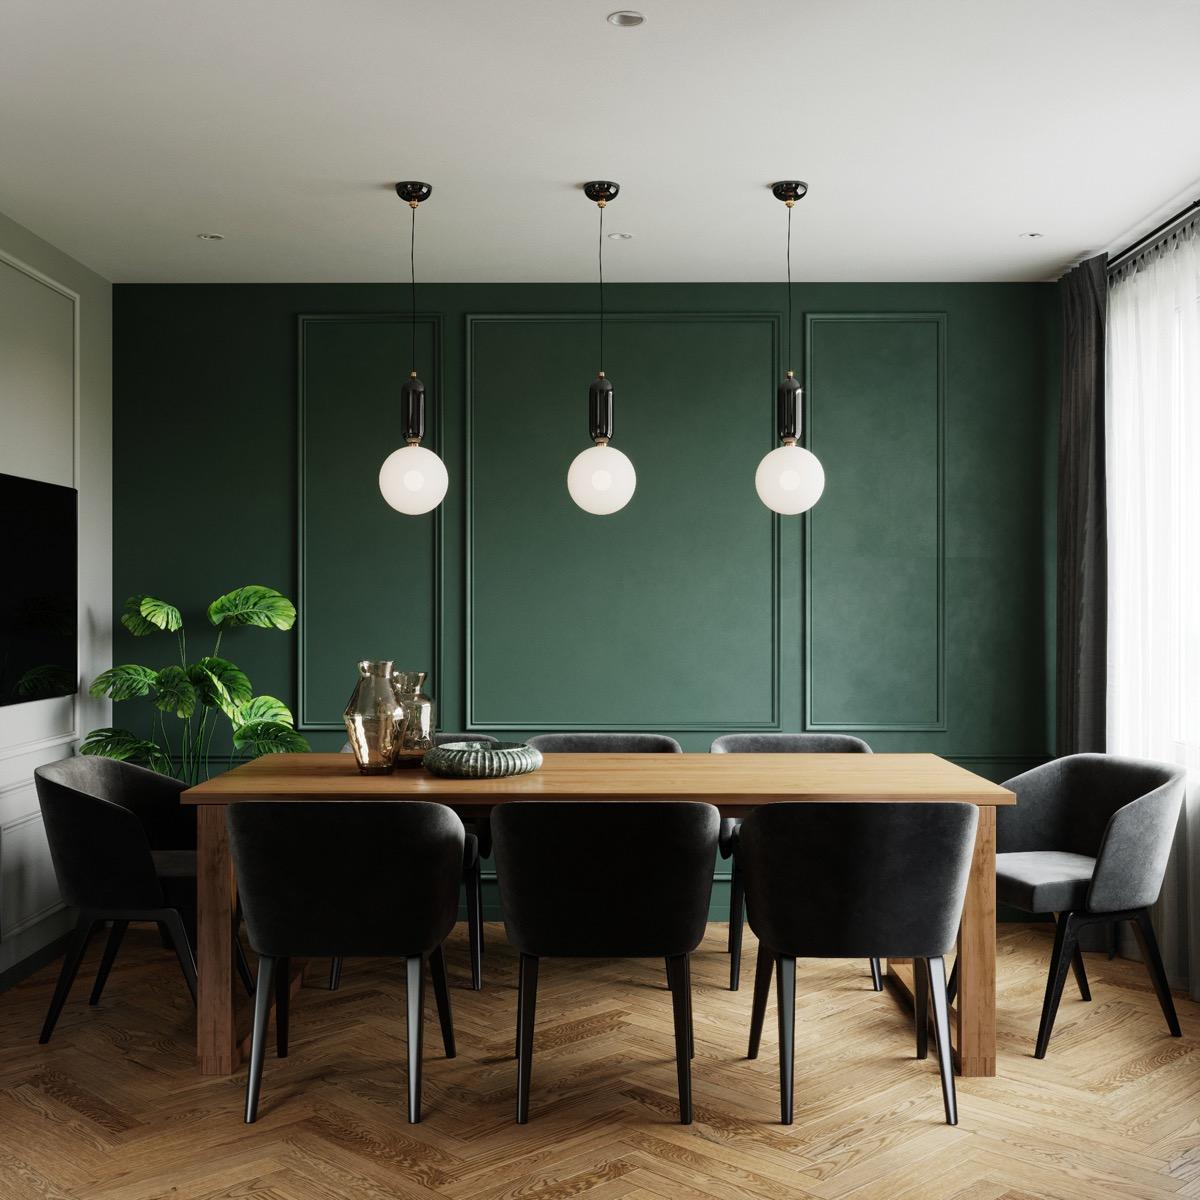 Xanh lá - tone màu không thể thiếu trong phòng ăn nhà bạn - Ảnh 4.